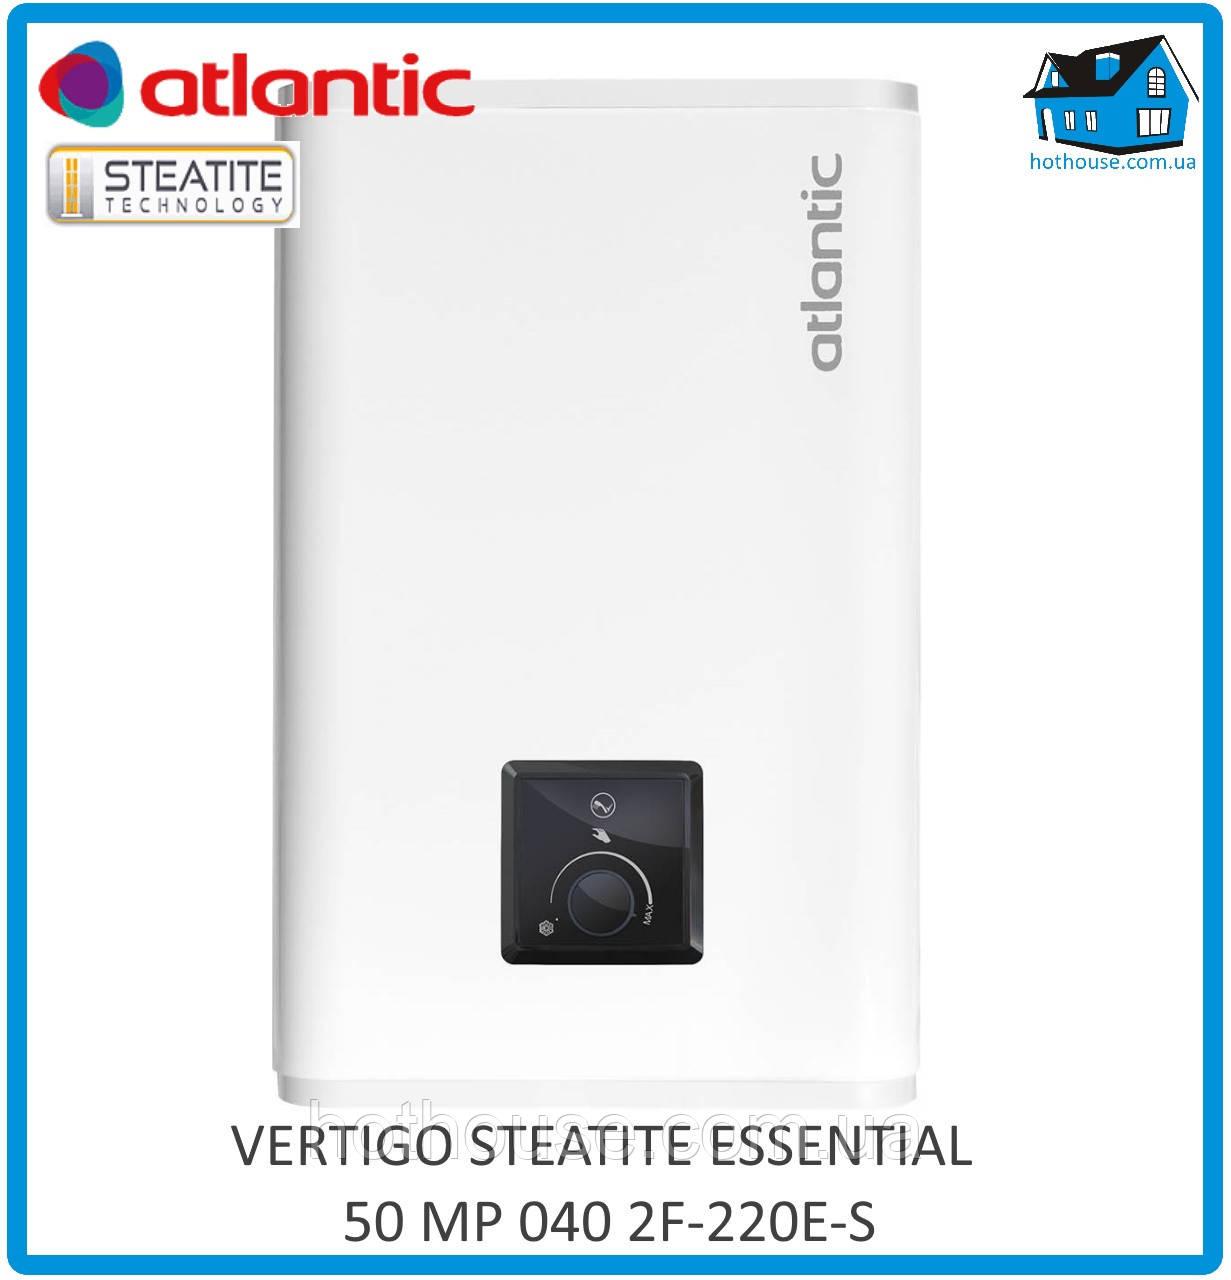 Водонагрівач Atlantic Vertigo Steatite Essential 50 MP-040 2F 220E-S